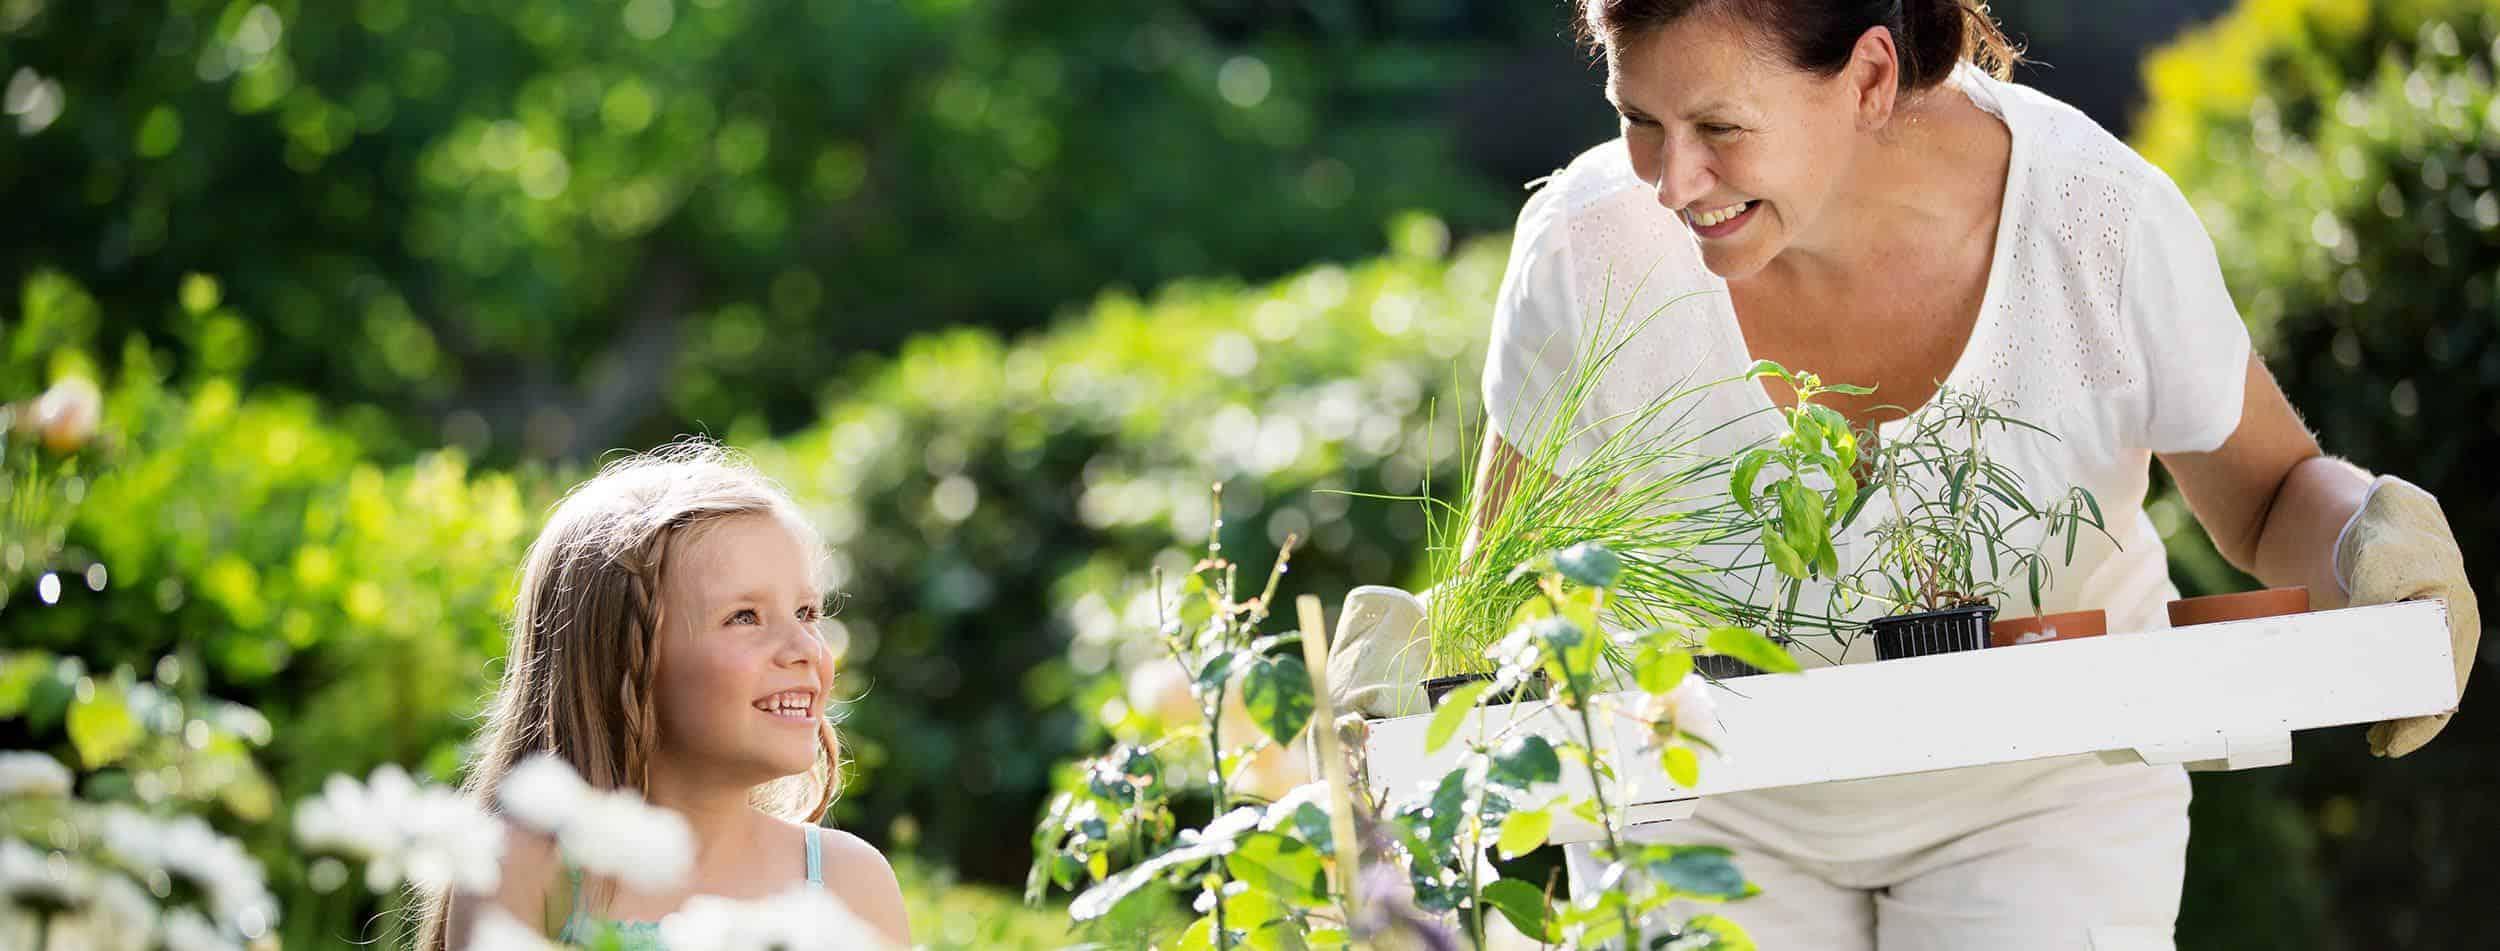 frau-mit-kind-bepflanzungen